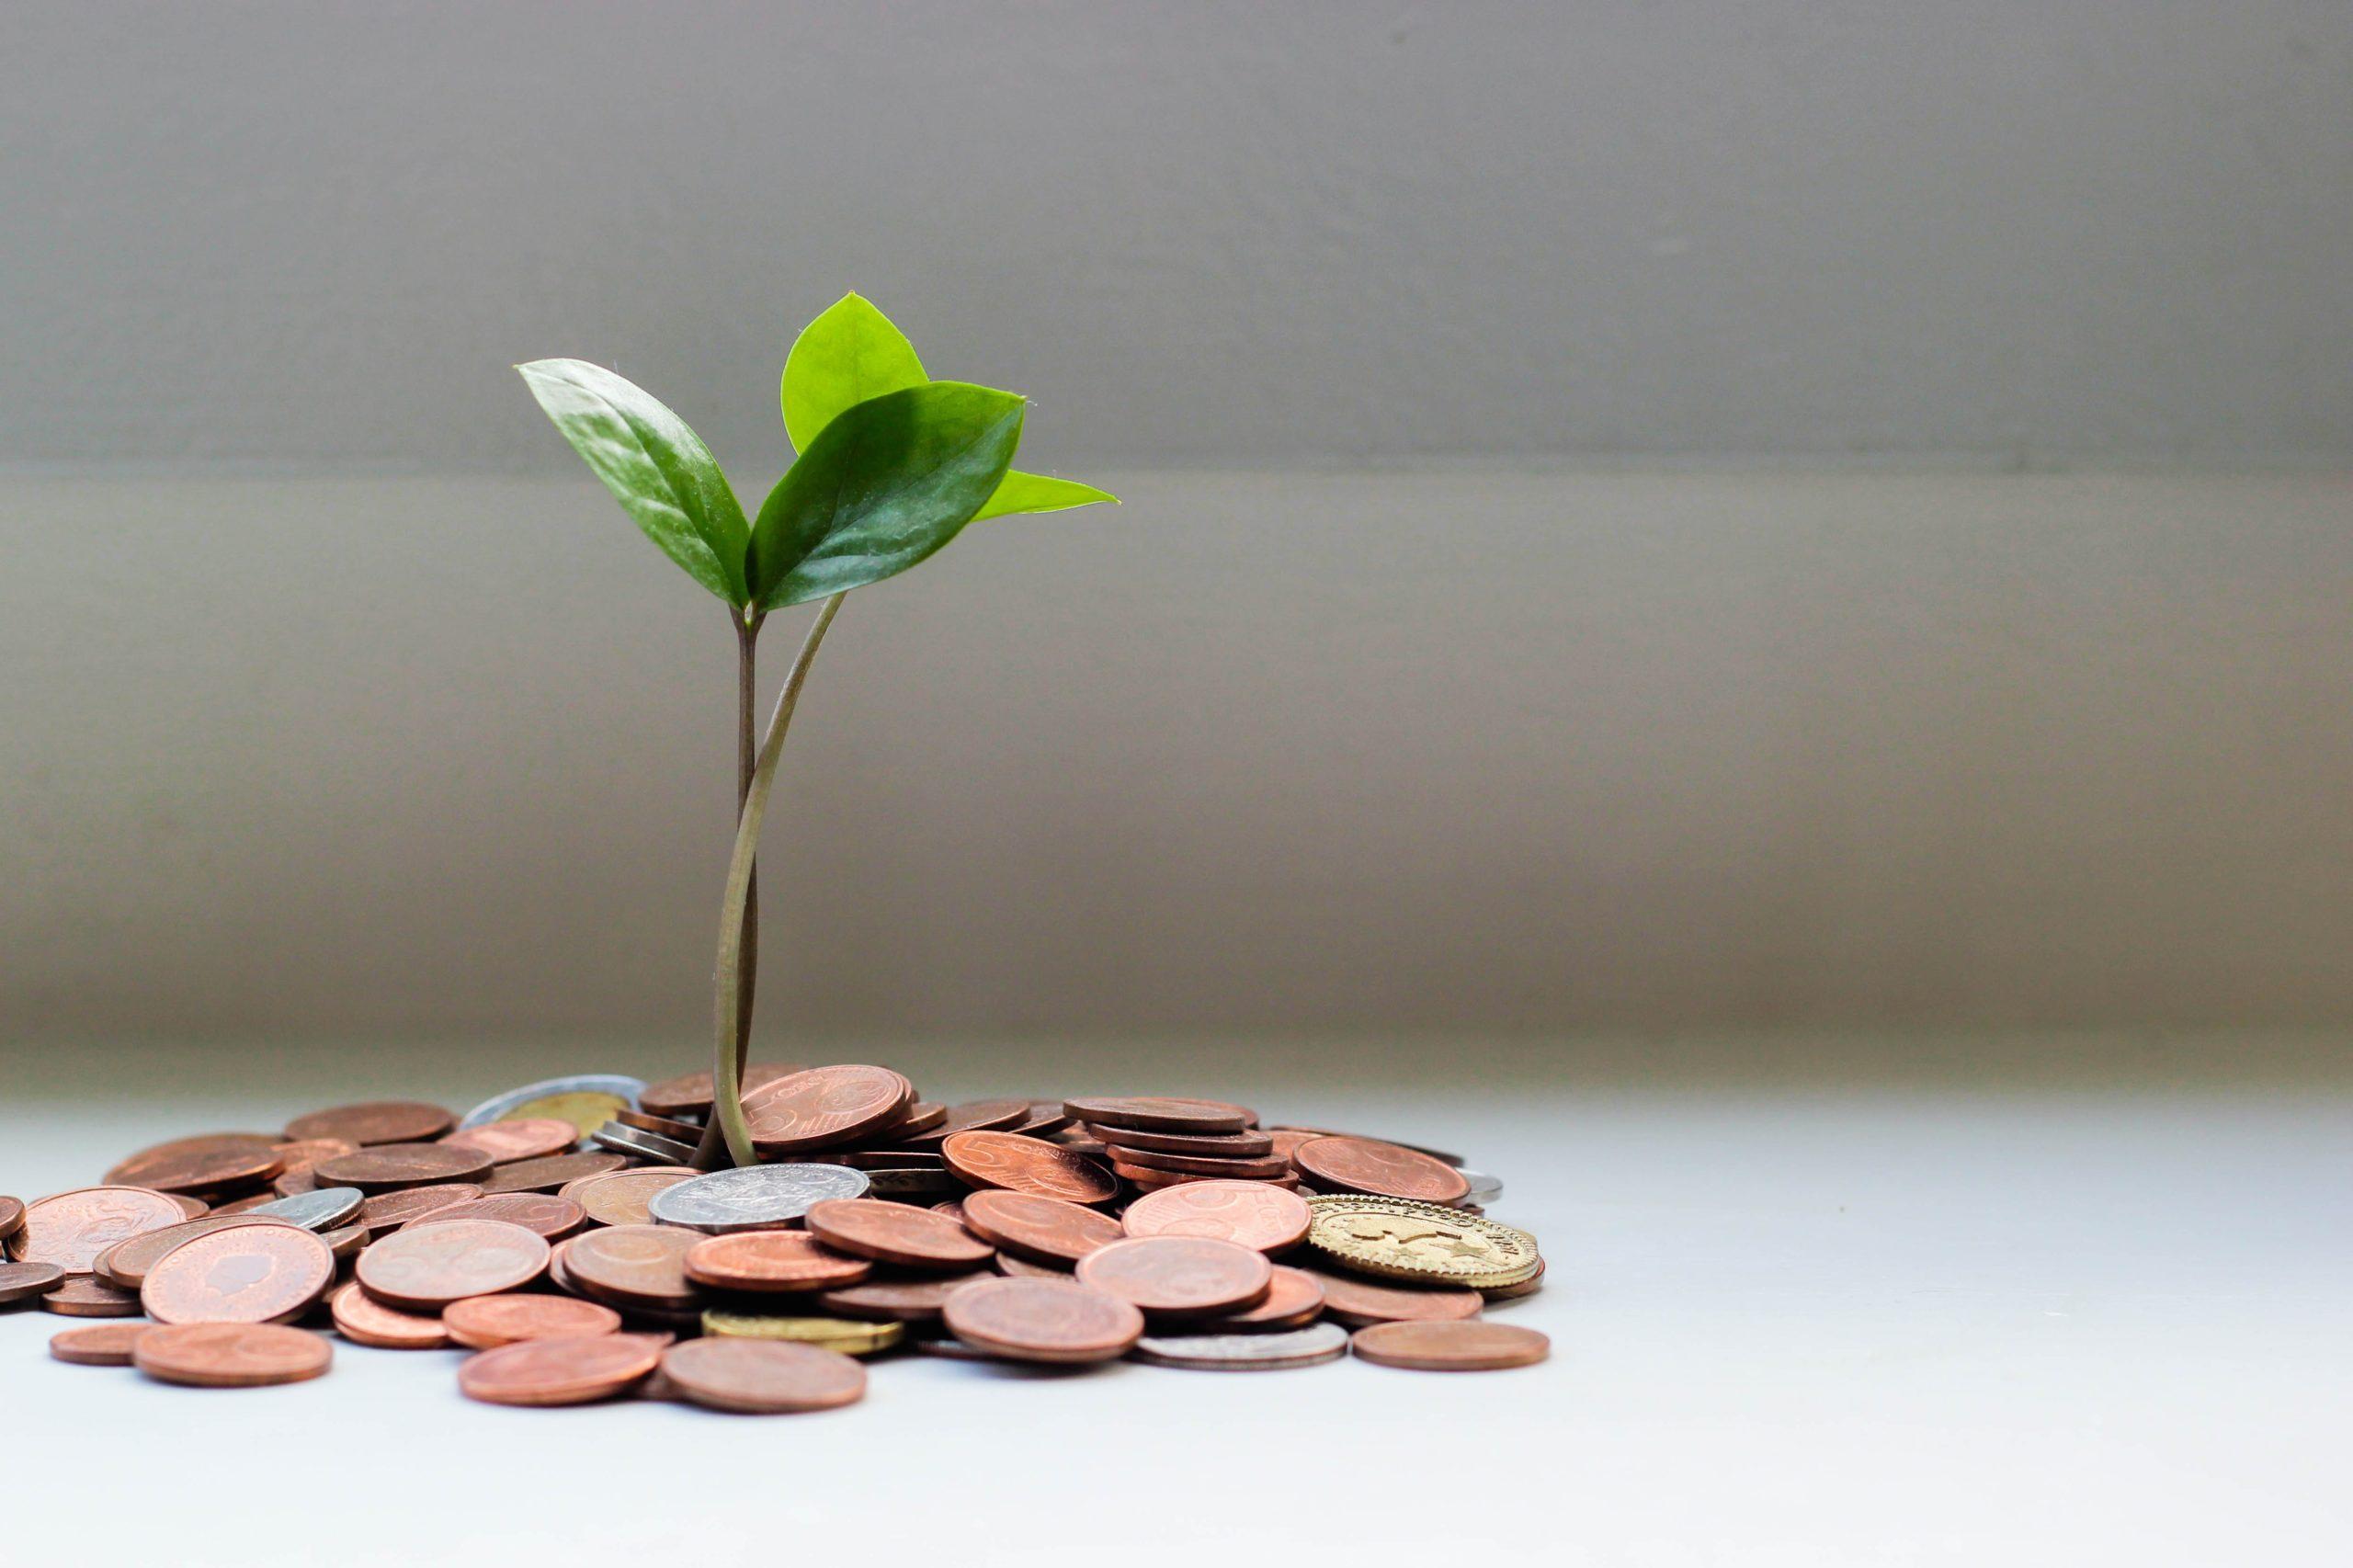 finances uncertain